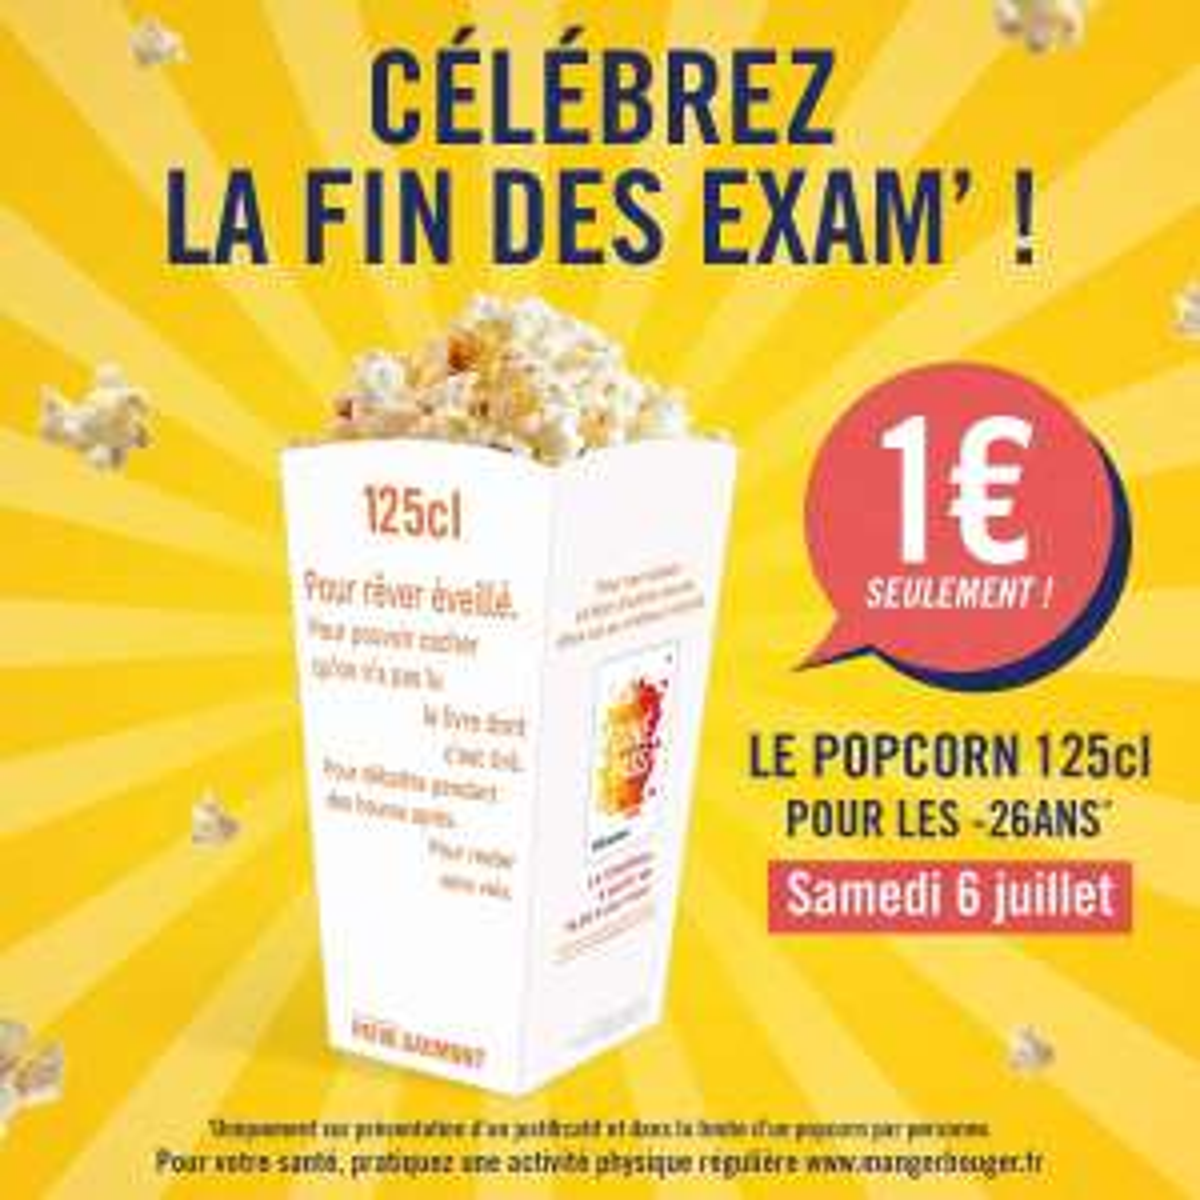 [Jeunes -26 ans] Le Popcorn - 125cl à 1€